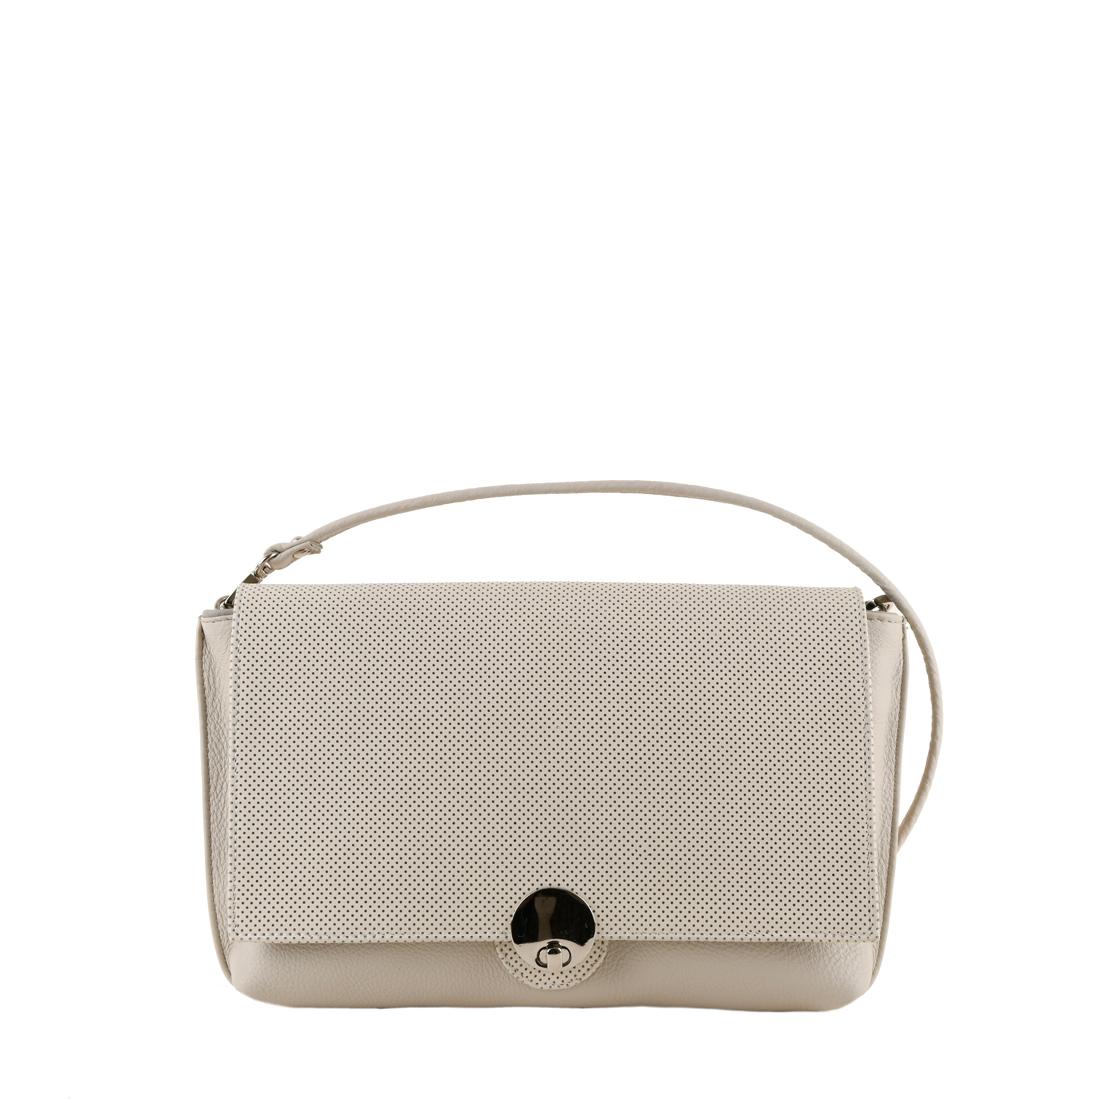 Riley Ivory Clutch Leather Handbag